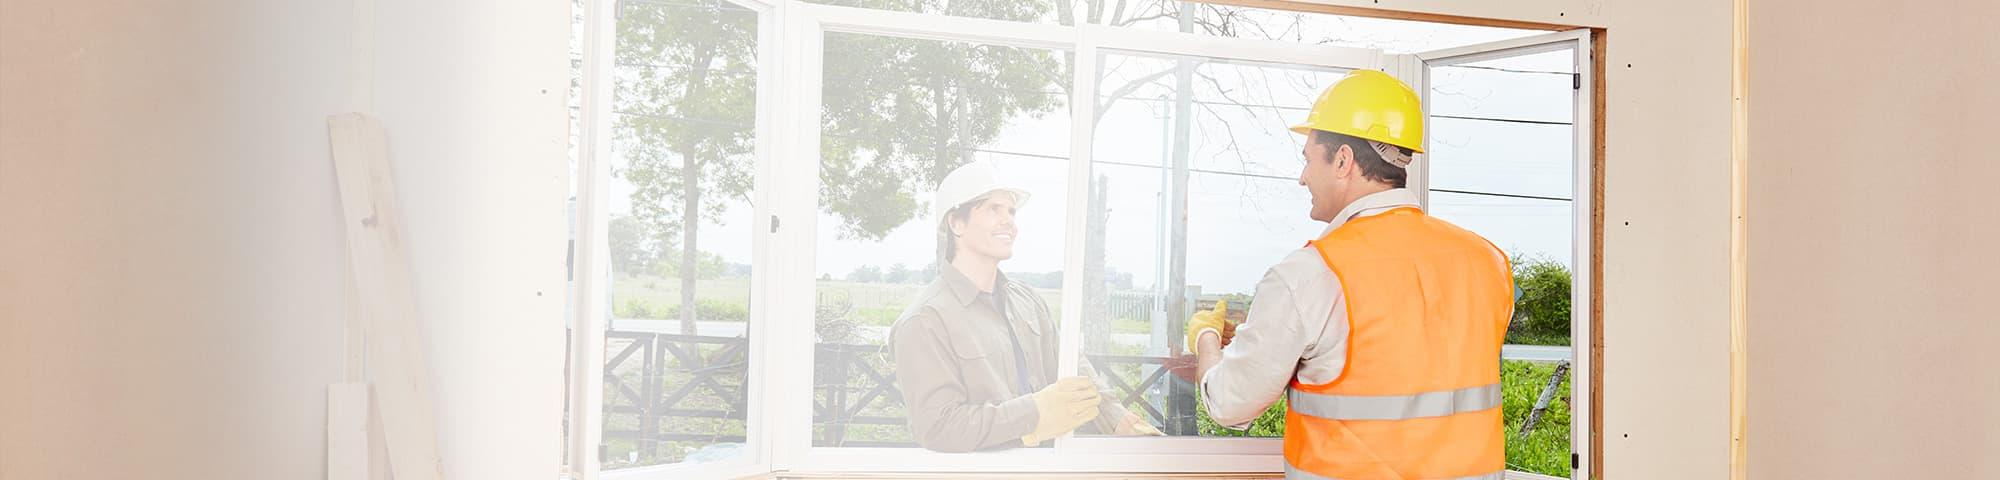 Fenstermonteure bei der Arbeit